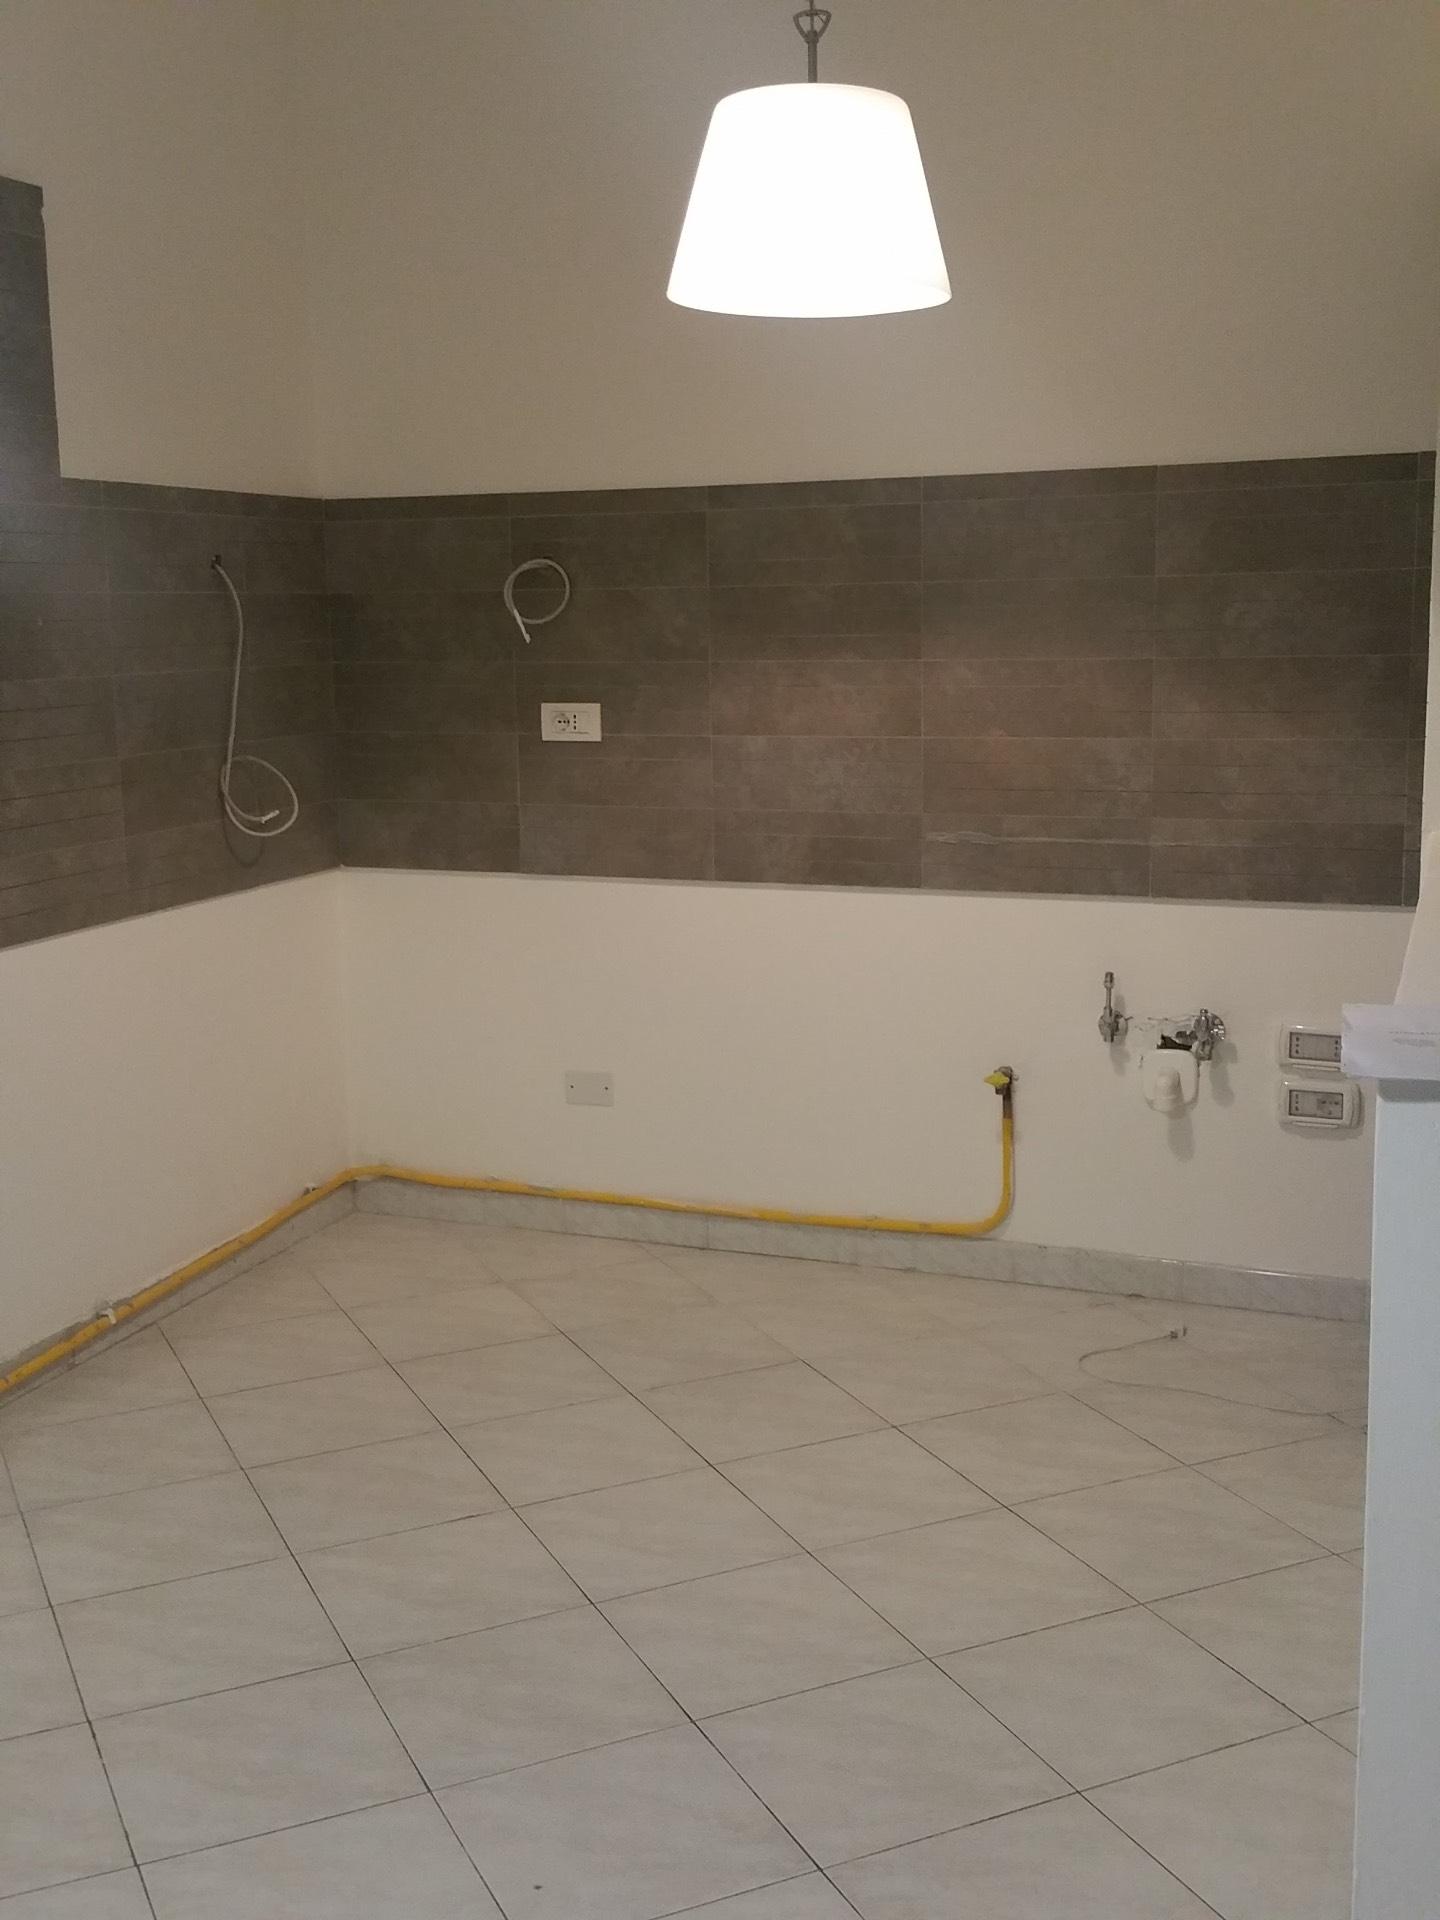 Appartamento in vendita a Mareno di Piave, 5 locali, zona Località: BoccadiStrada, prezzo € 95.000 | CambioCasa.it